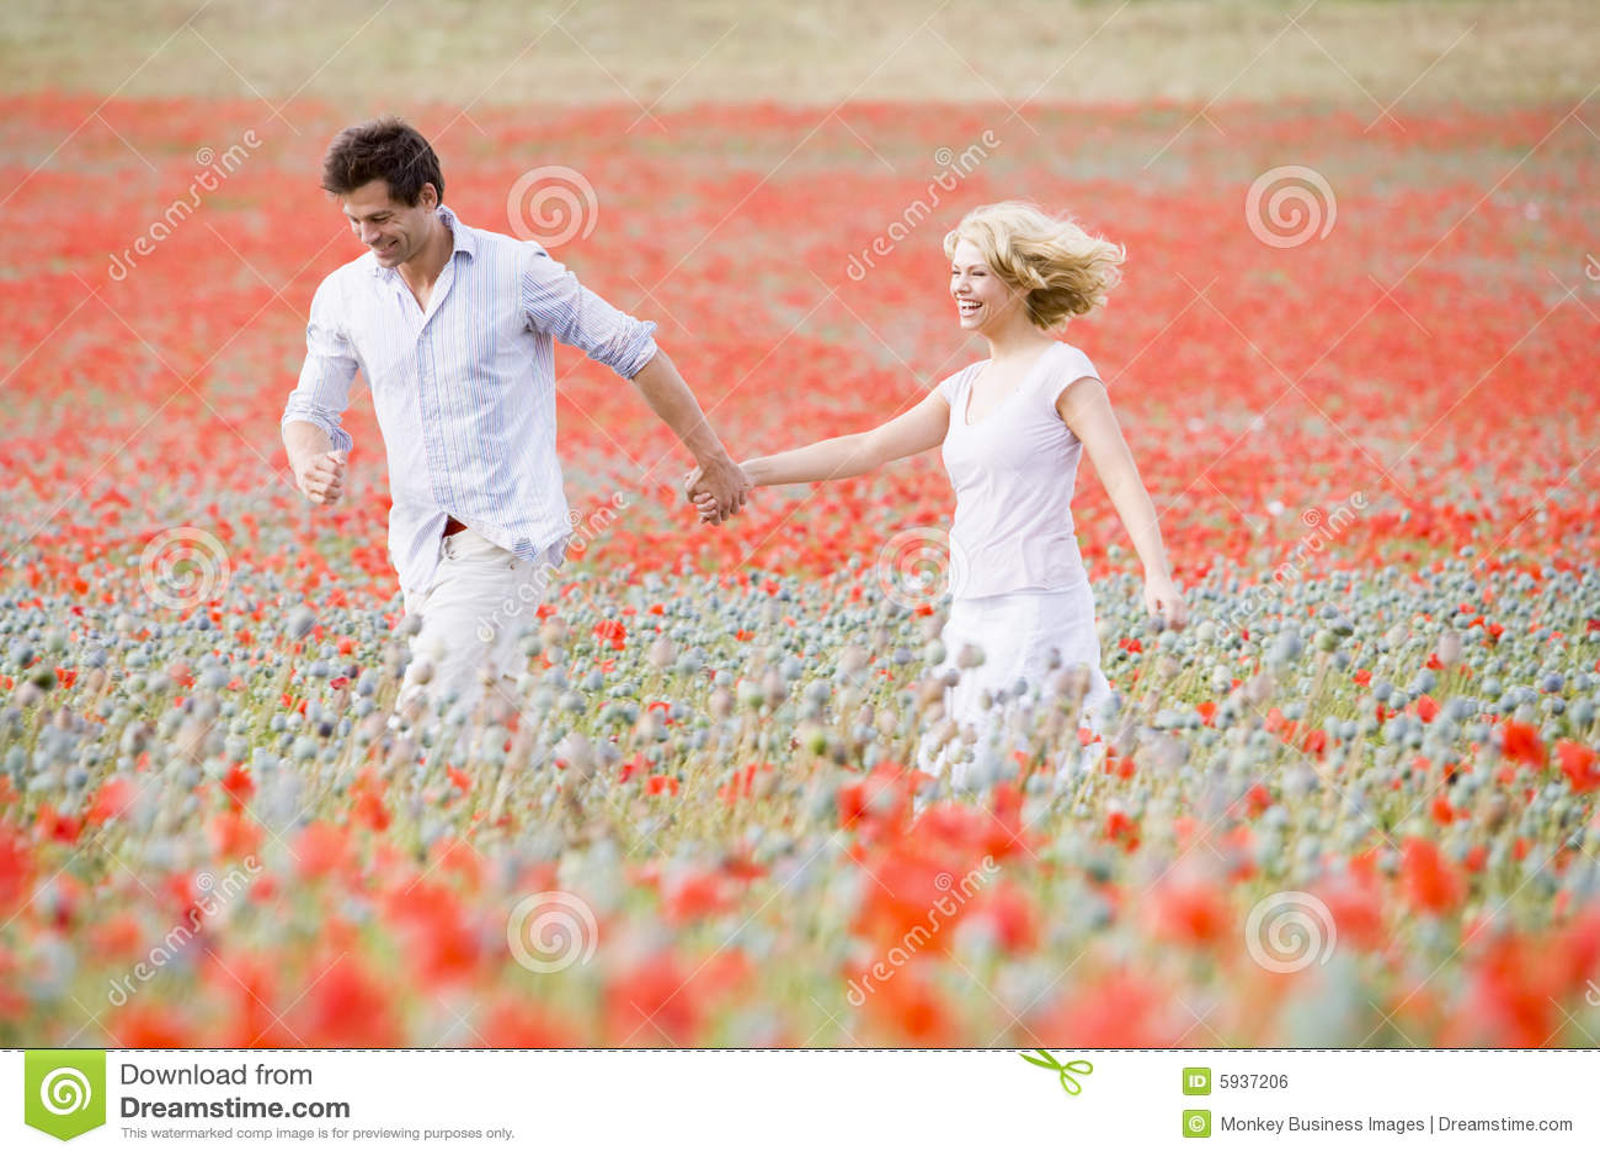 Couple walking in poppy field holding hands